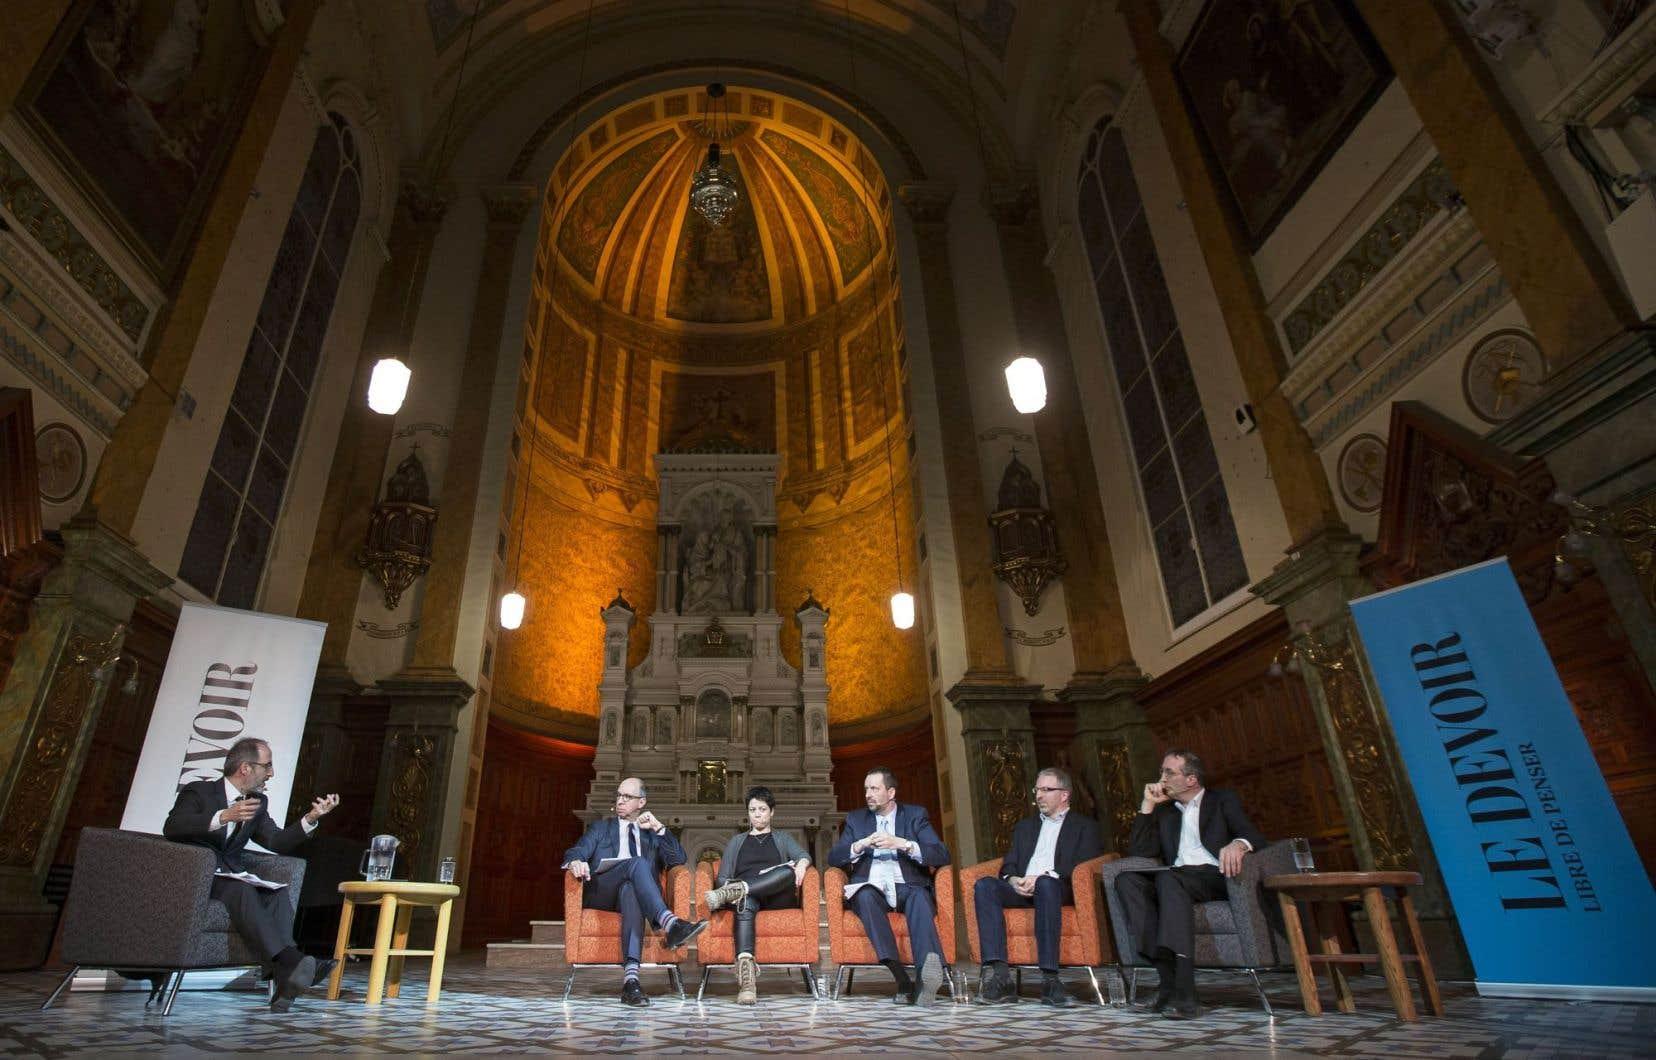 Le débat sur le pétrole était organisé au Musée de l'Amérique francophone de Québec.